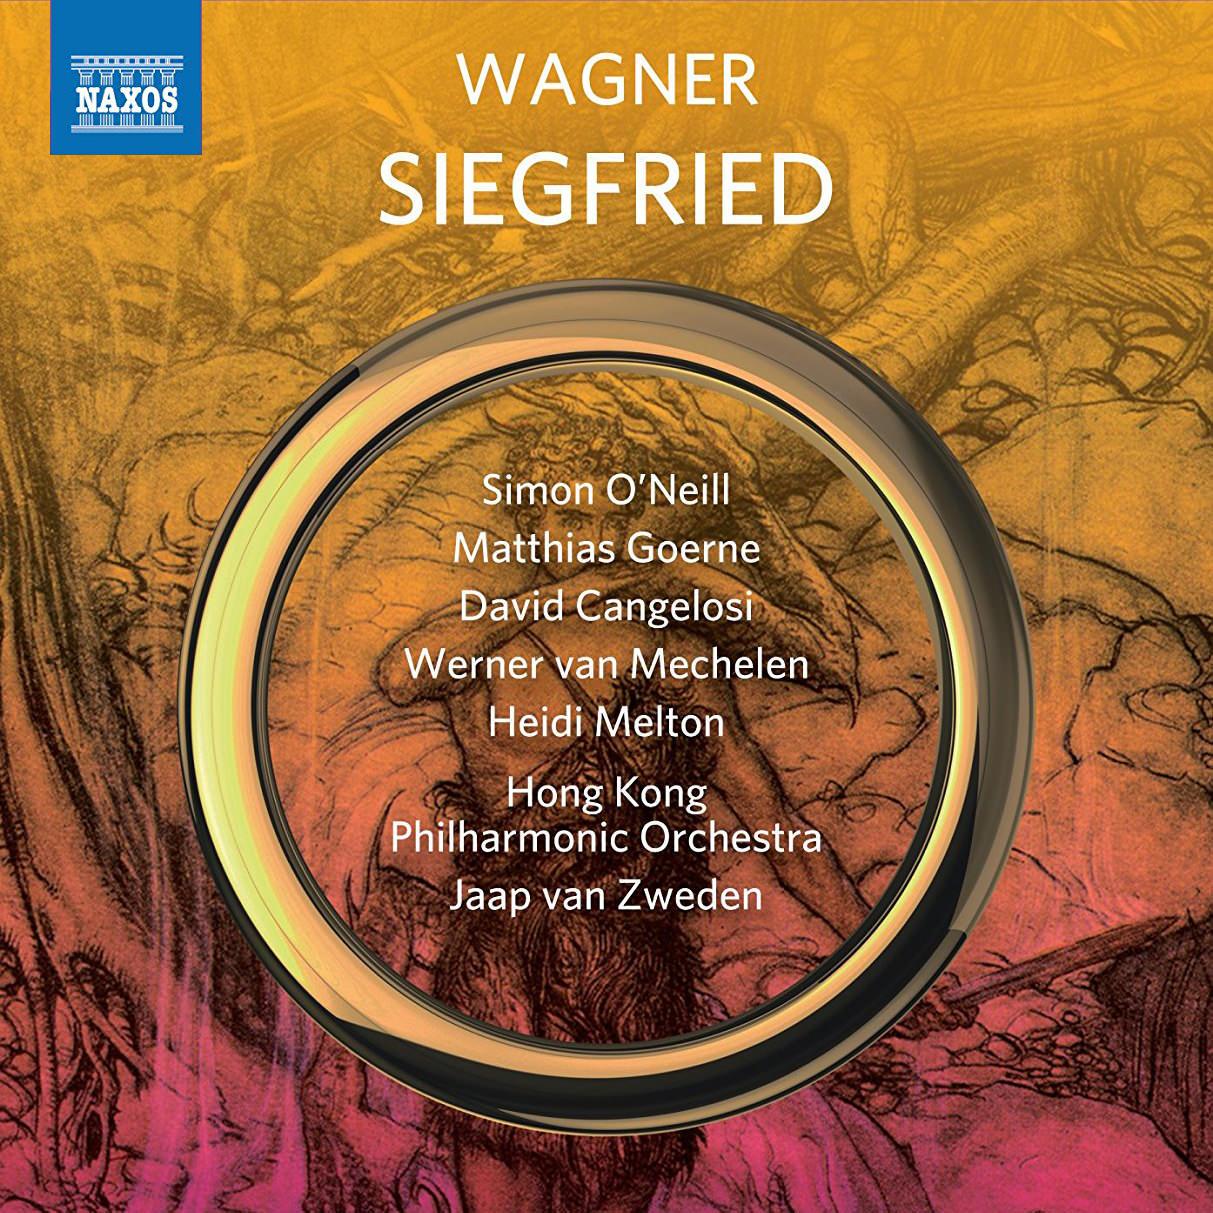 latest Album: Siegfriedwith jaap van zweden &Hong kong Philharmonic -